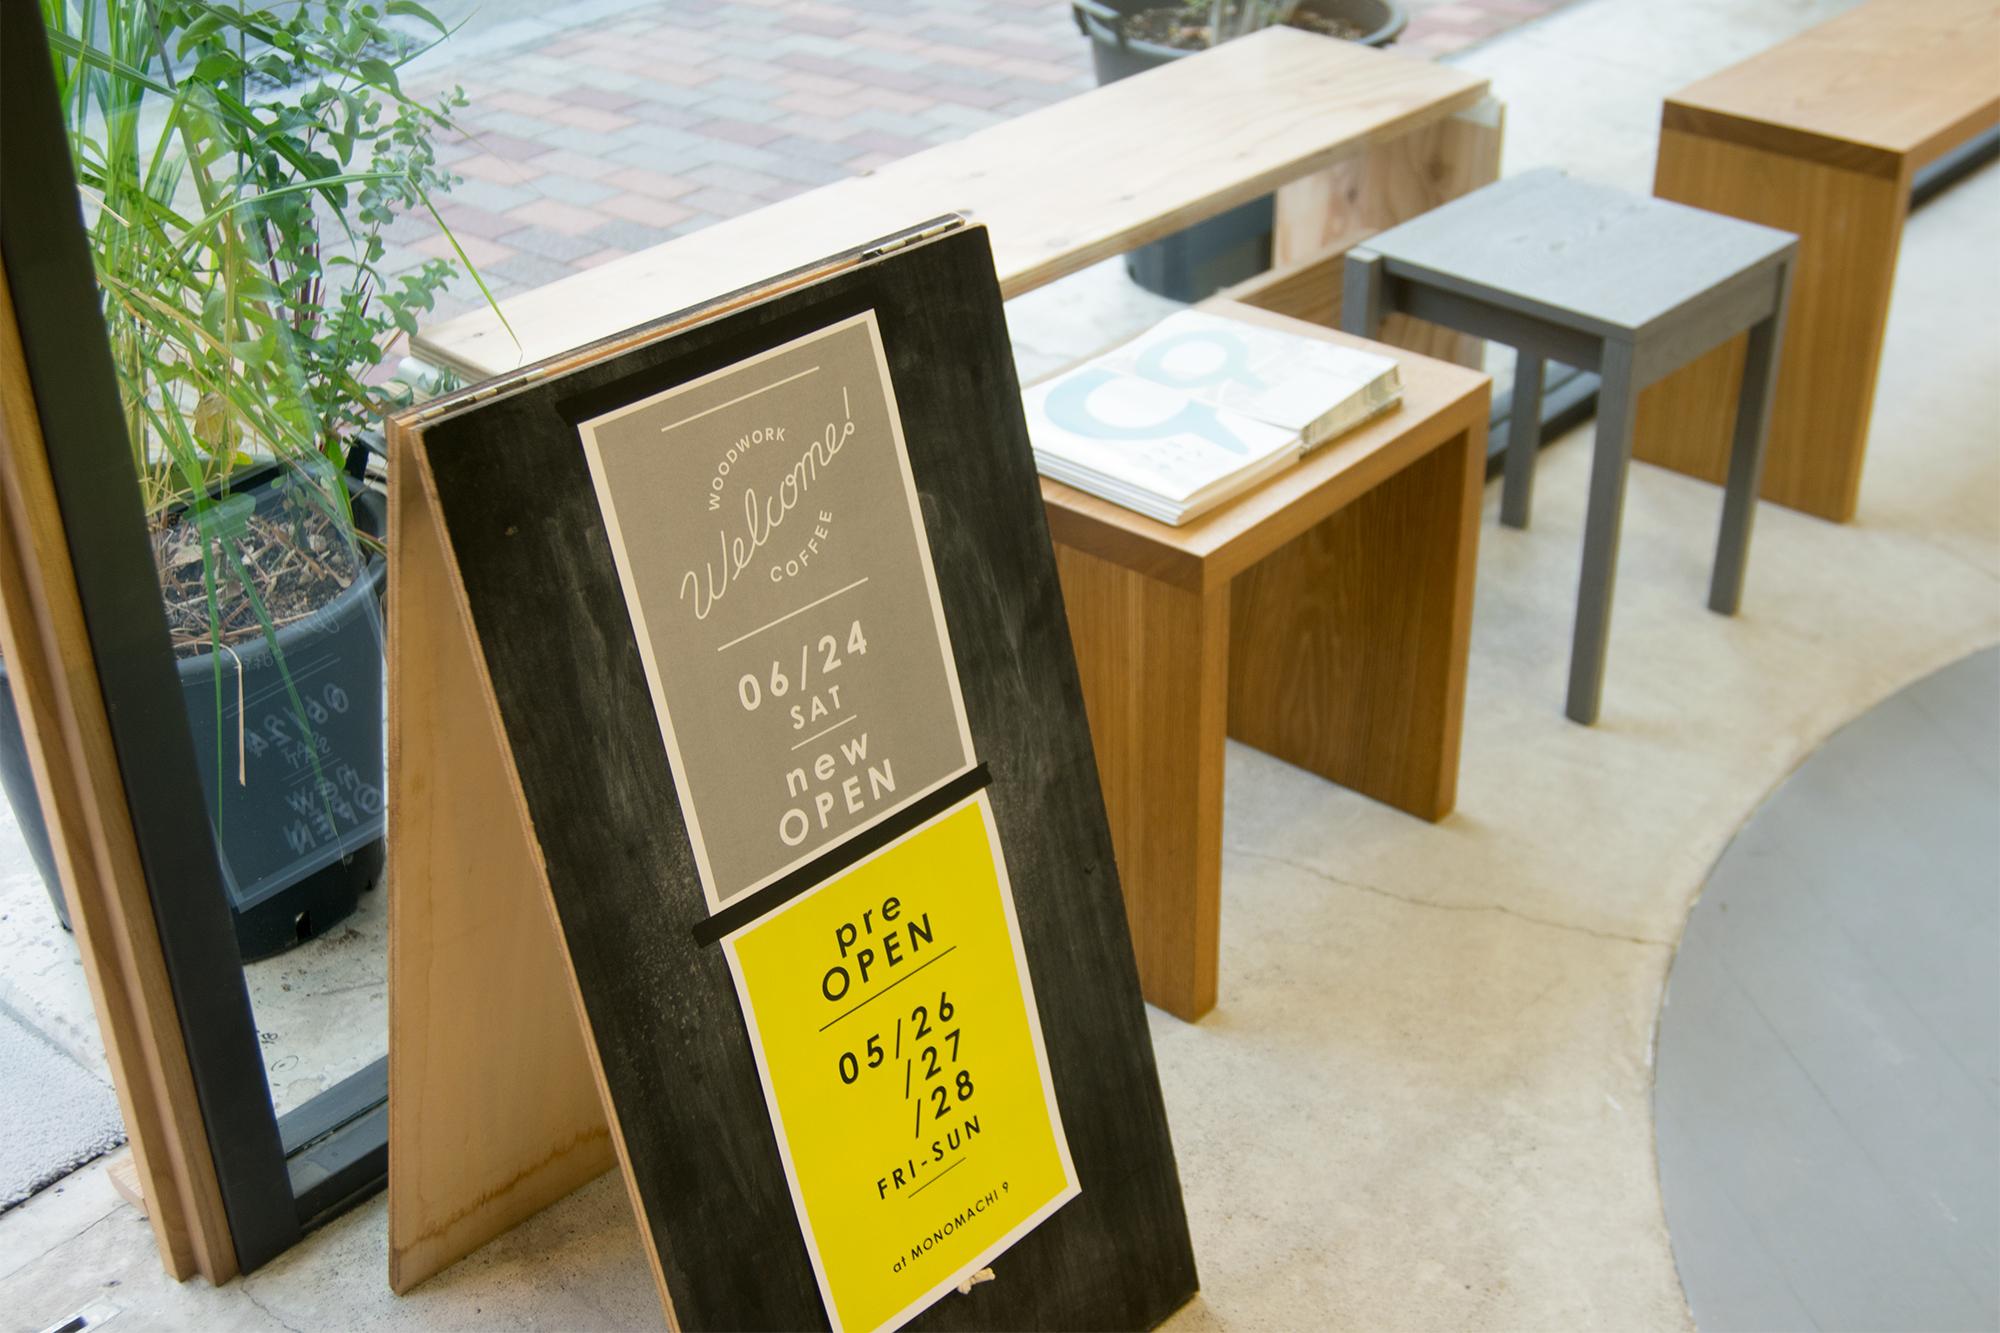 モノマチナインとWOODWORK Welcomecoffee オープン